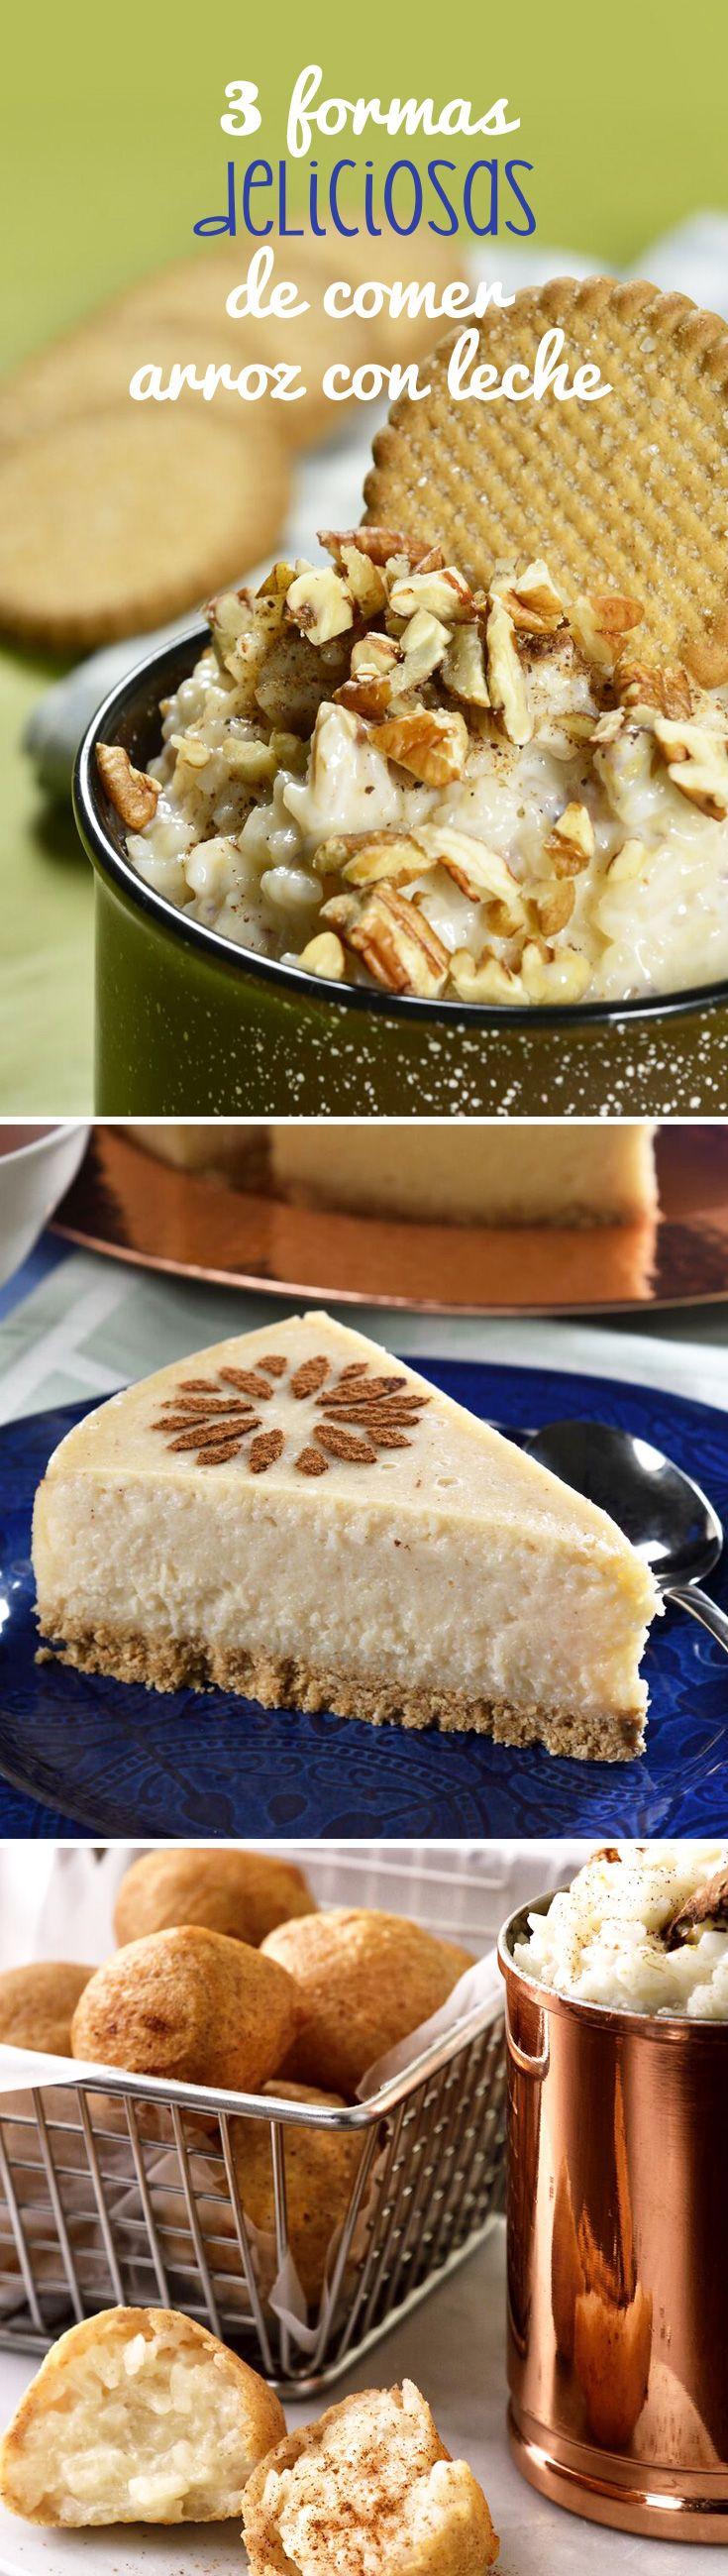 Si eres fanático del arroz con leche, estas 3 forrmas de prepararlo te van a encantar. Prepara un arroz con leche tradicional, una tarta o unas bolitas fritas de arroz con este paso a paso y las recetas en www.kiwilimon.com